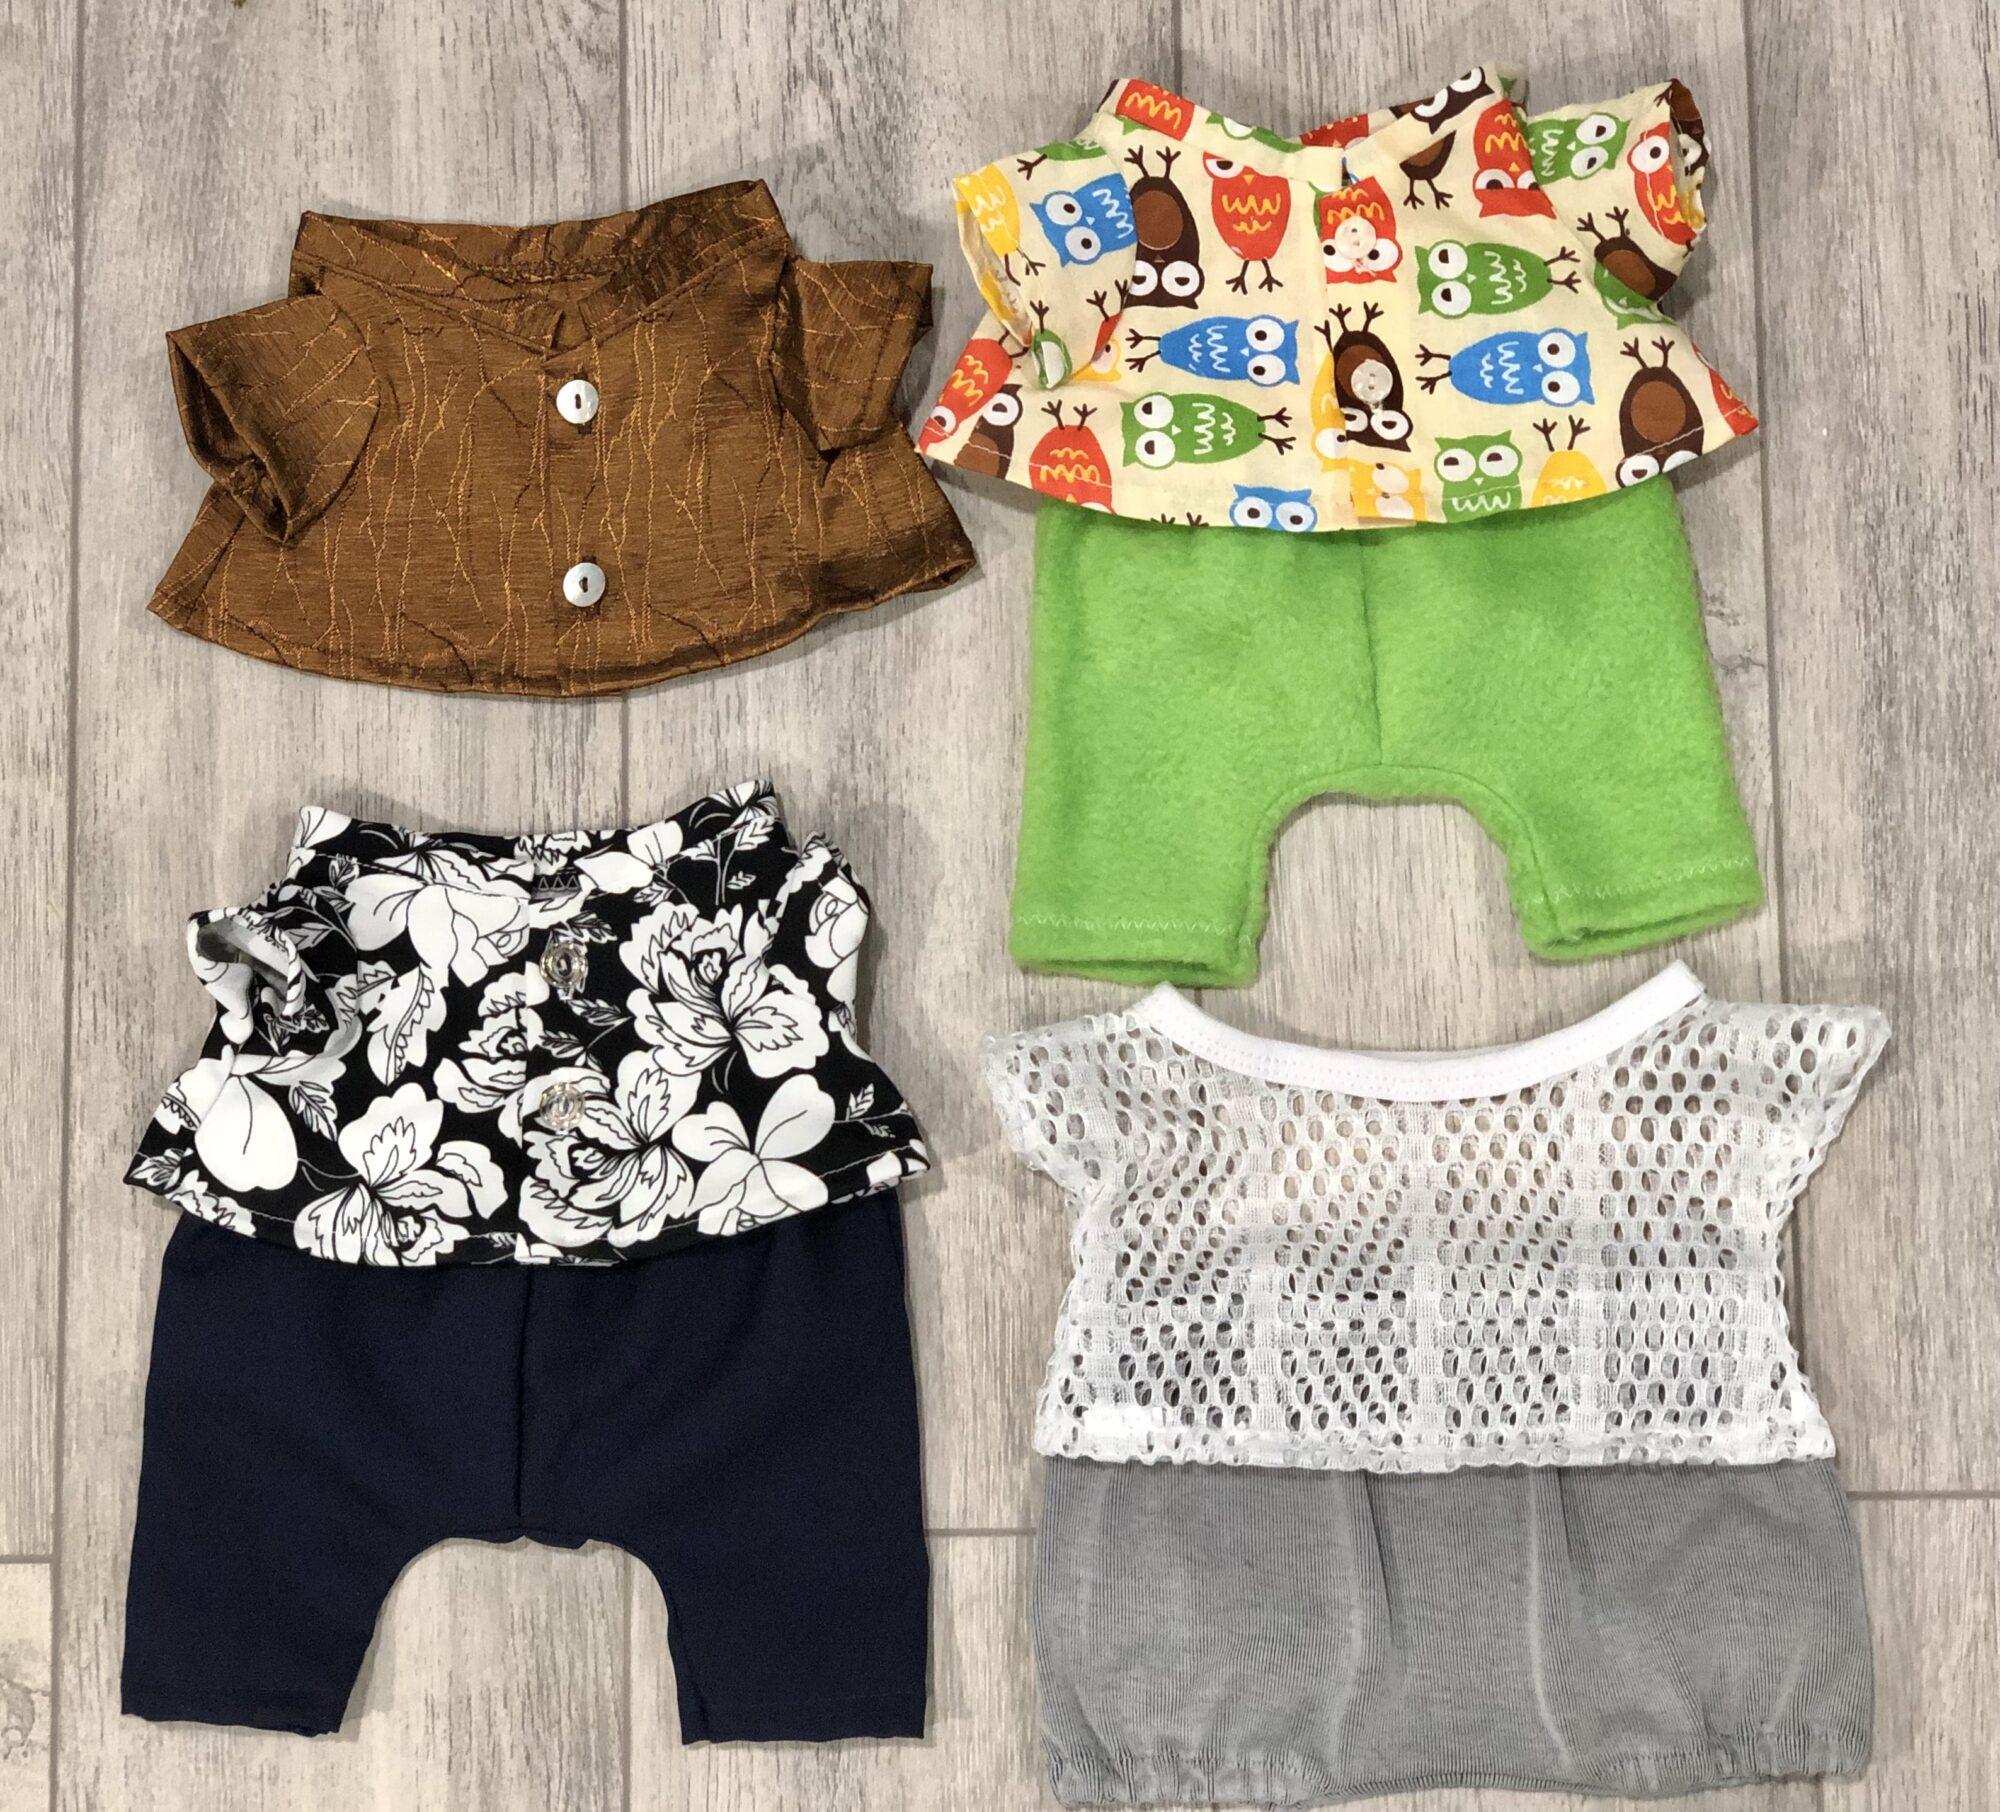 Акция! Комплект Одежды по очень приятной цене (а2)